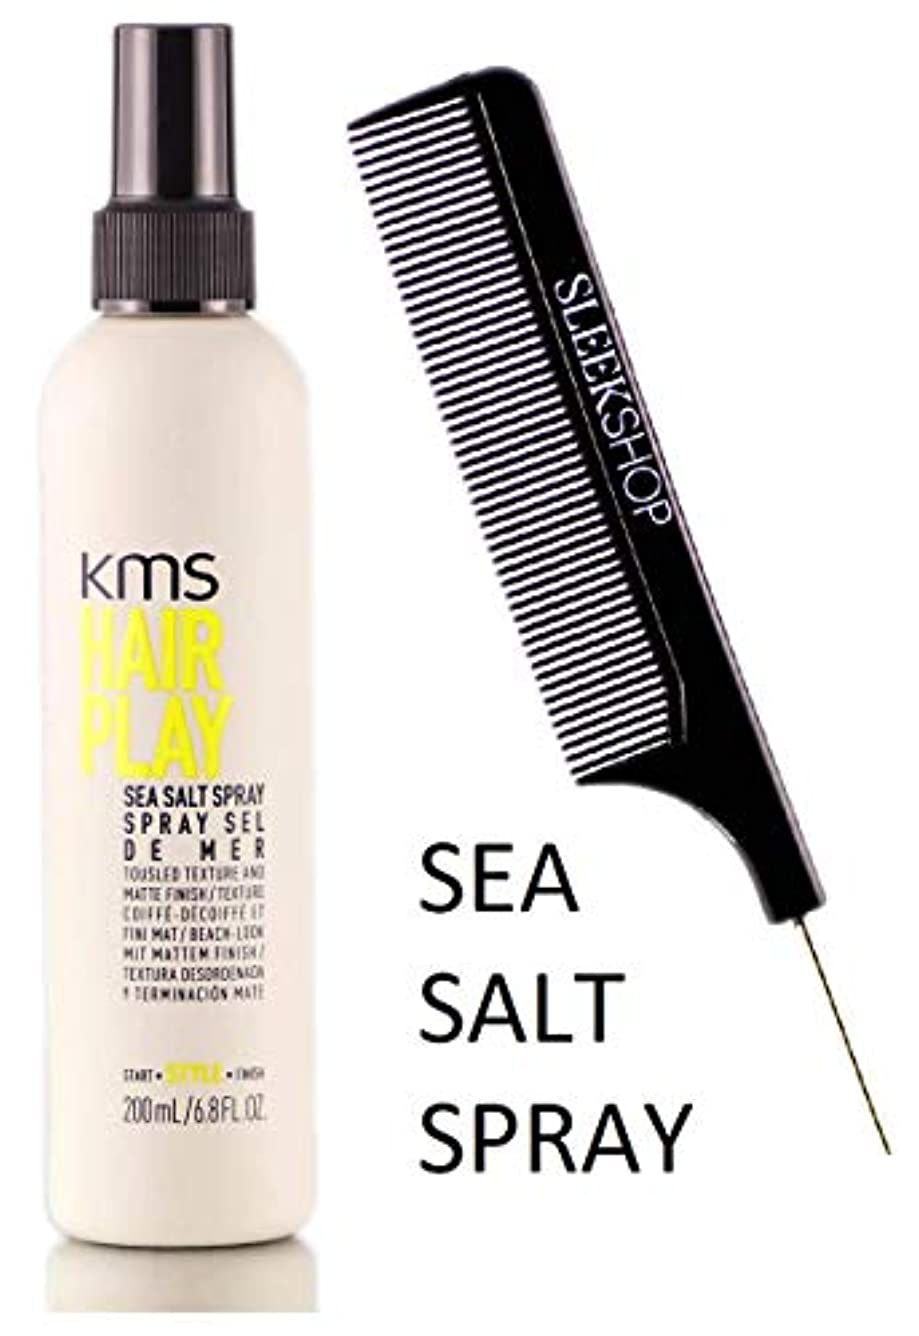 慎重いま豆腐KMS 髪がSEA SALTスプレーを再生し、風になびく髪テクスチャ&マット仕上げ(STYLISTのKIT) 6.8オンス/ 200ミリリットル